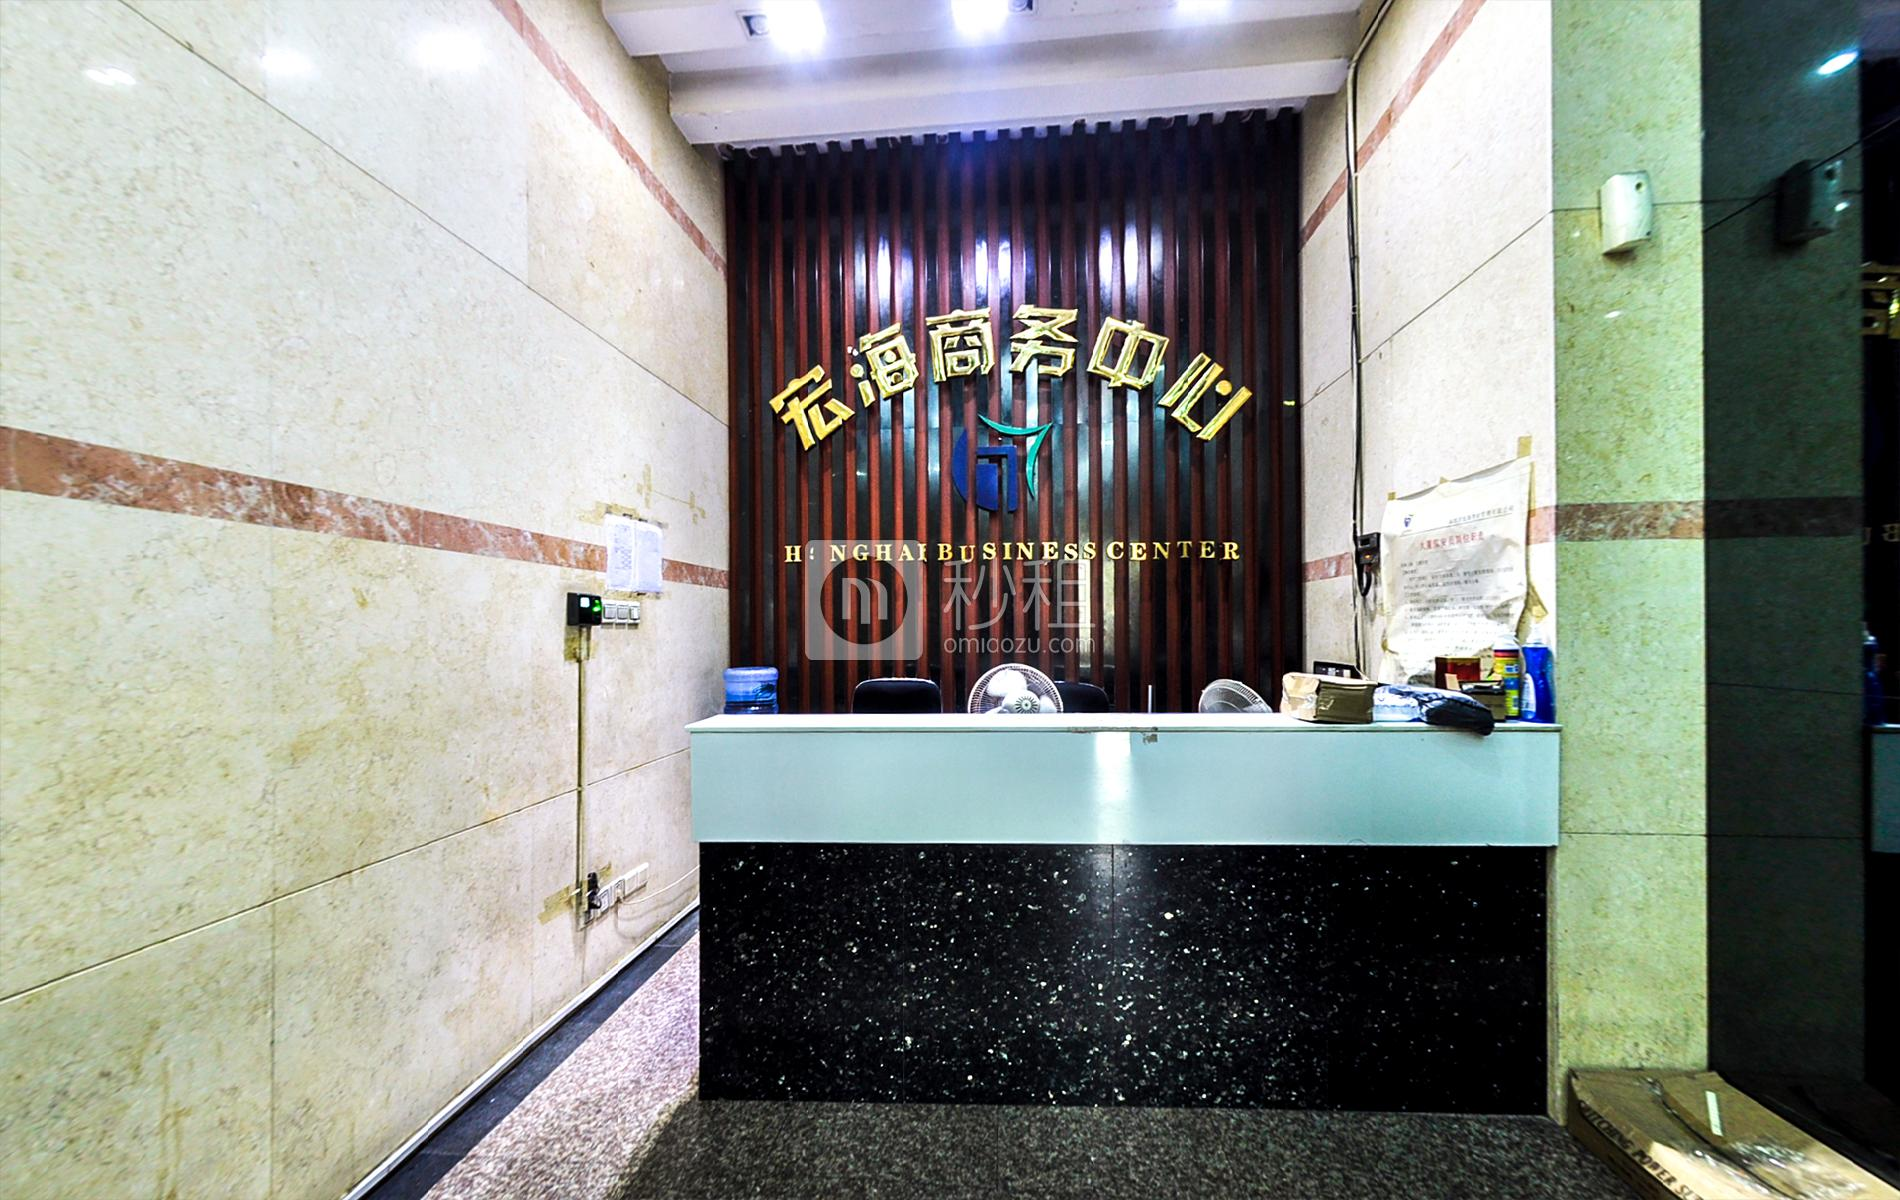 江氏大厦写字楼出租/招租/租赁,江氏大厦办公室出租/招租/租赁